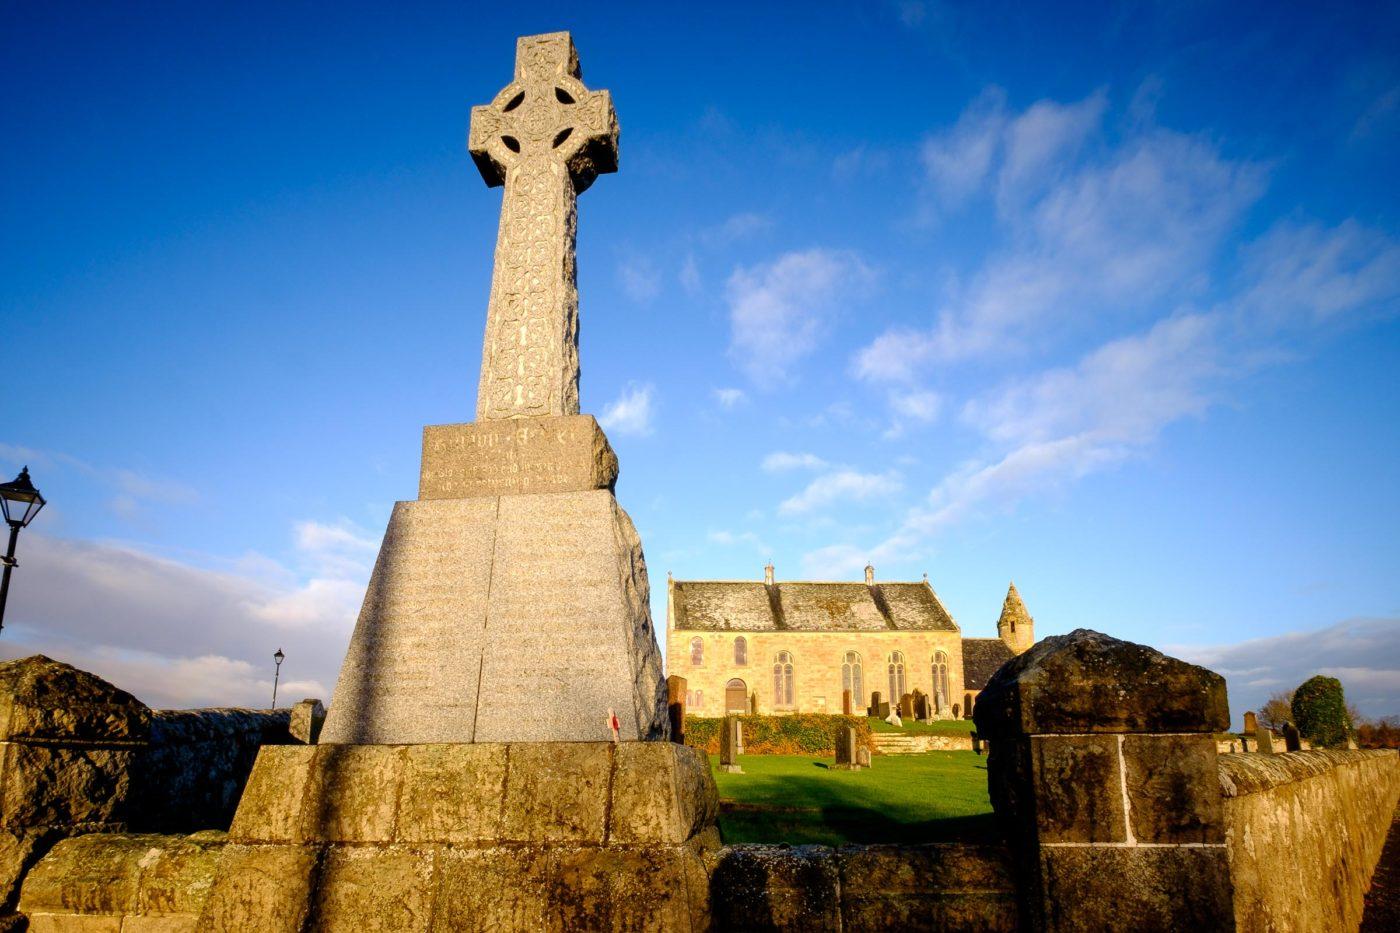 Kilmuir Easter Church, Scotland